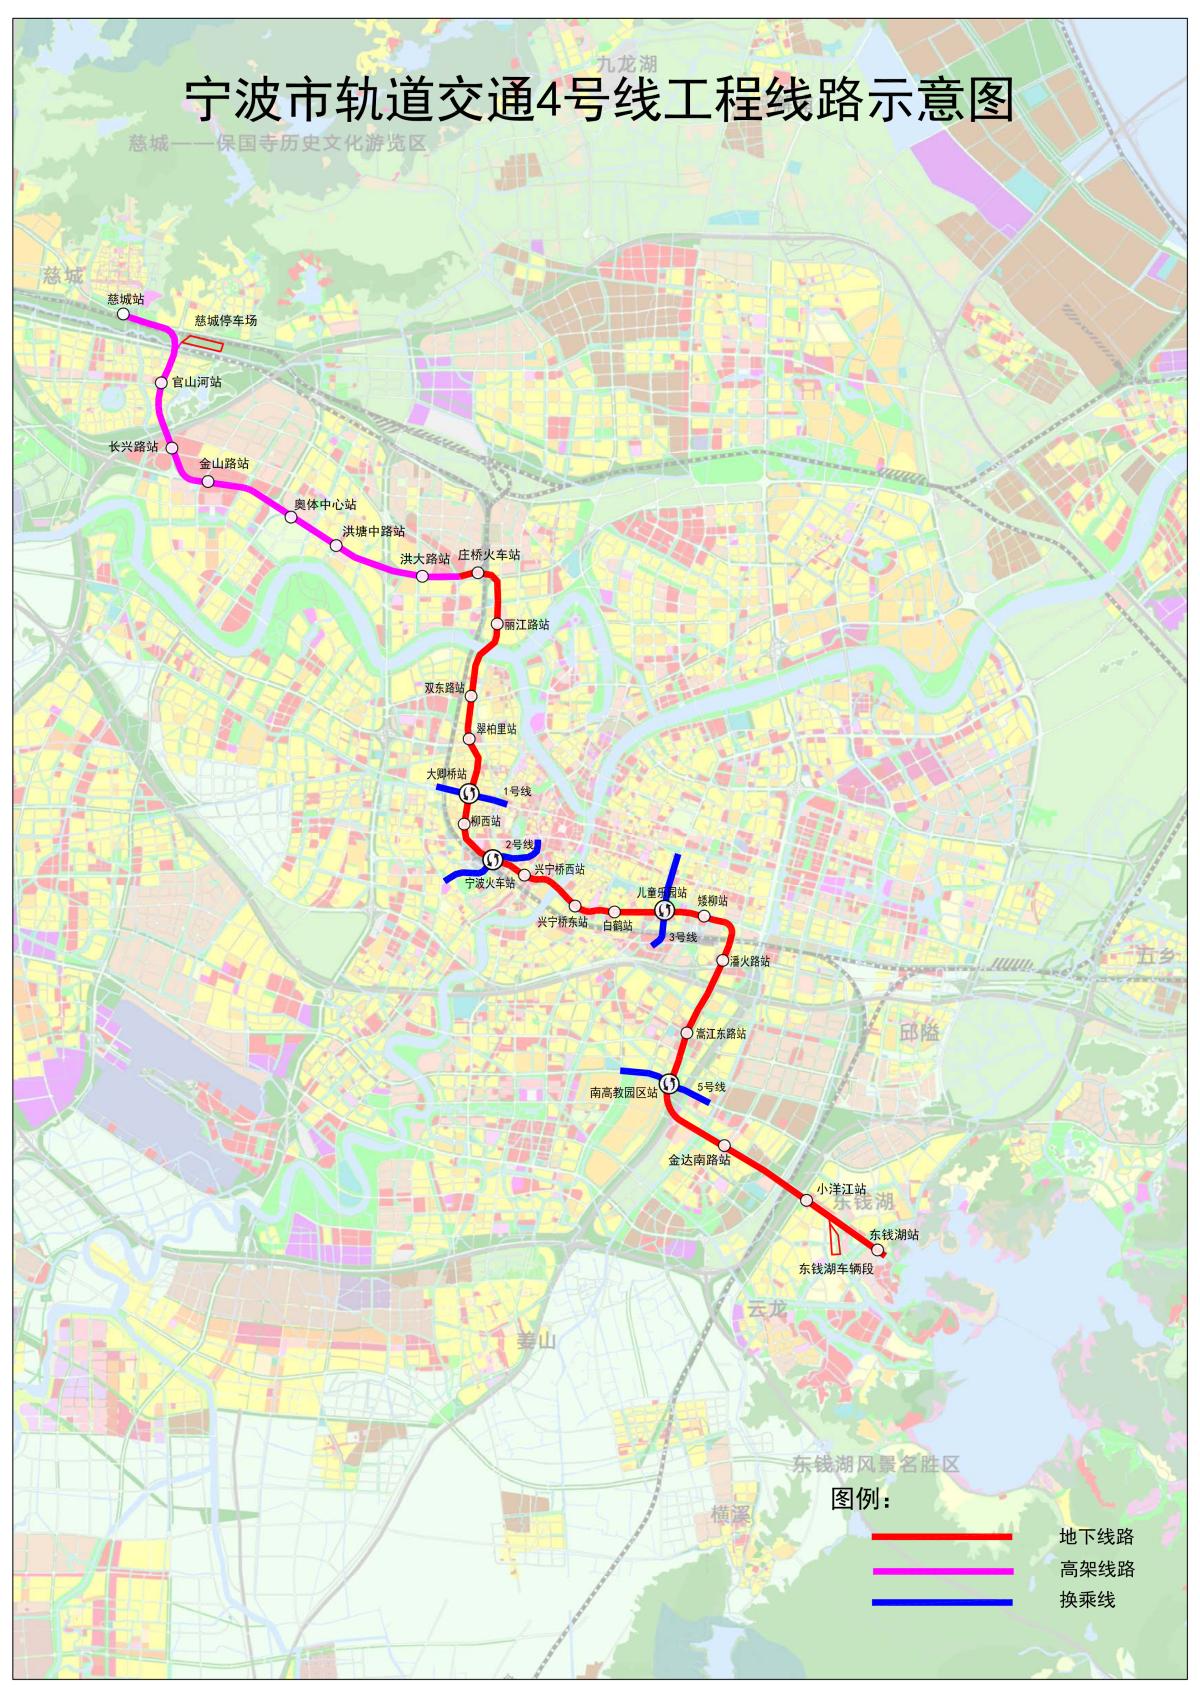 又近一步!地铁4号线地下段完成热滑试验 已具备调试条件